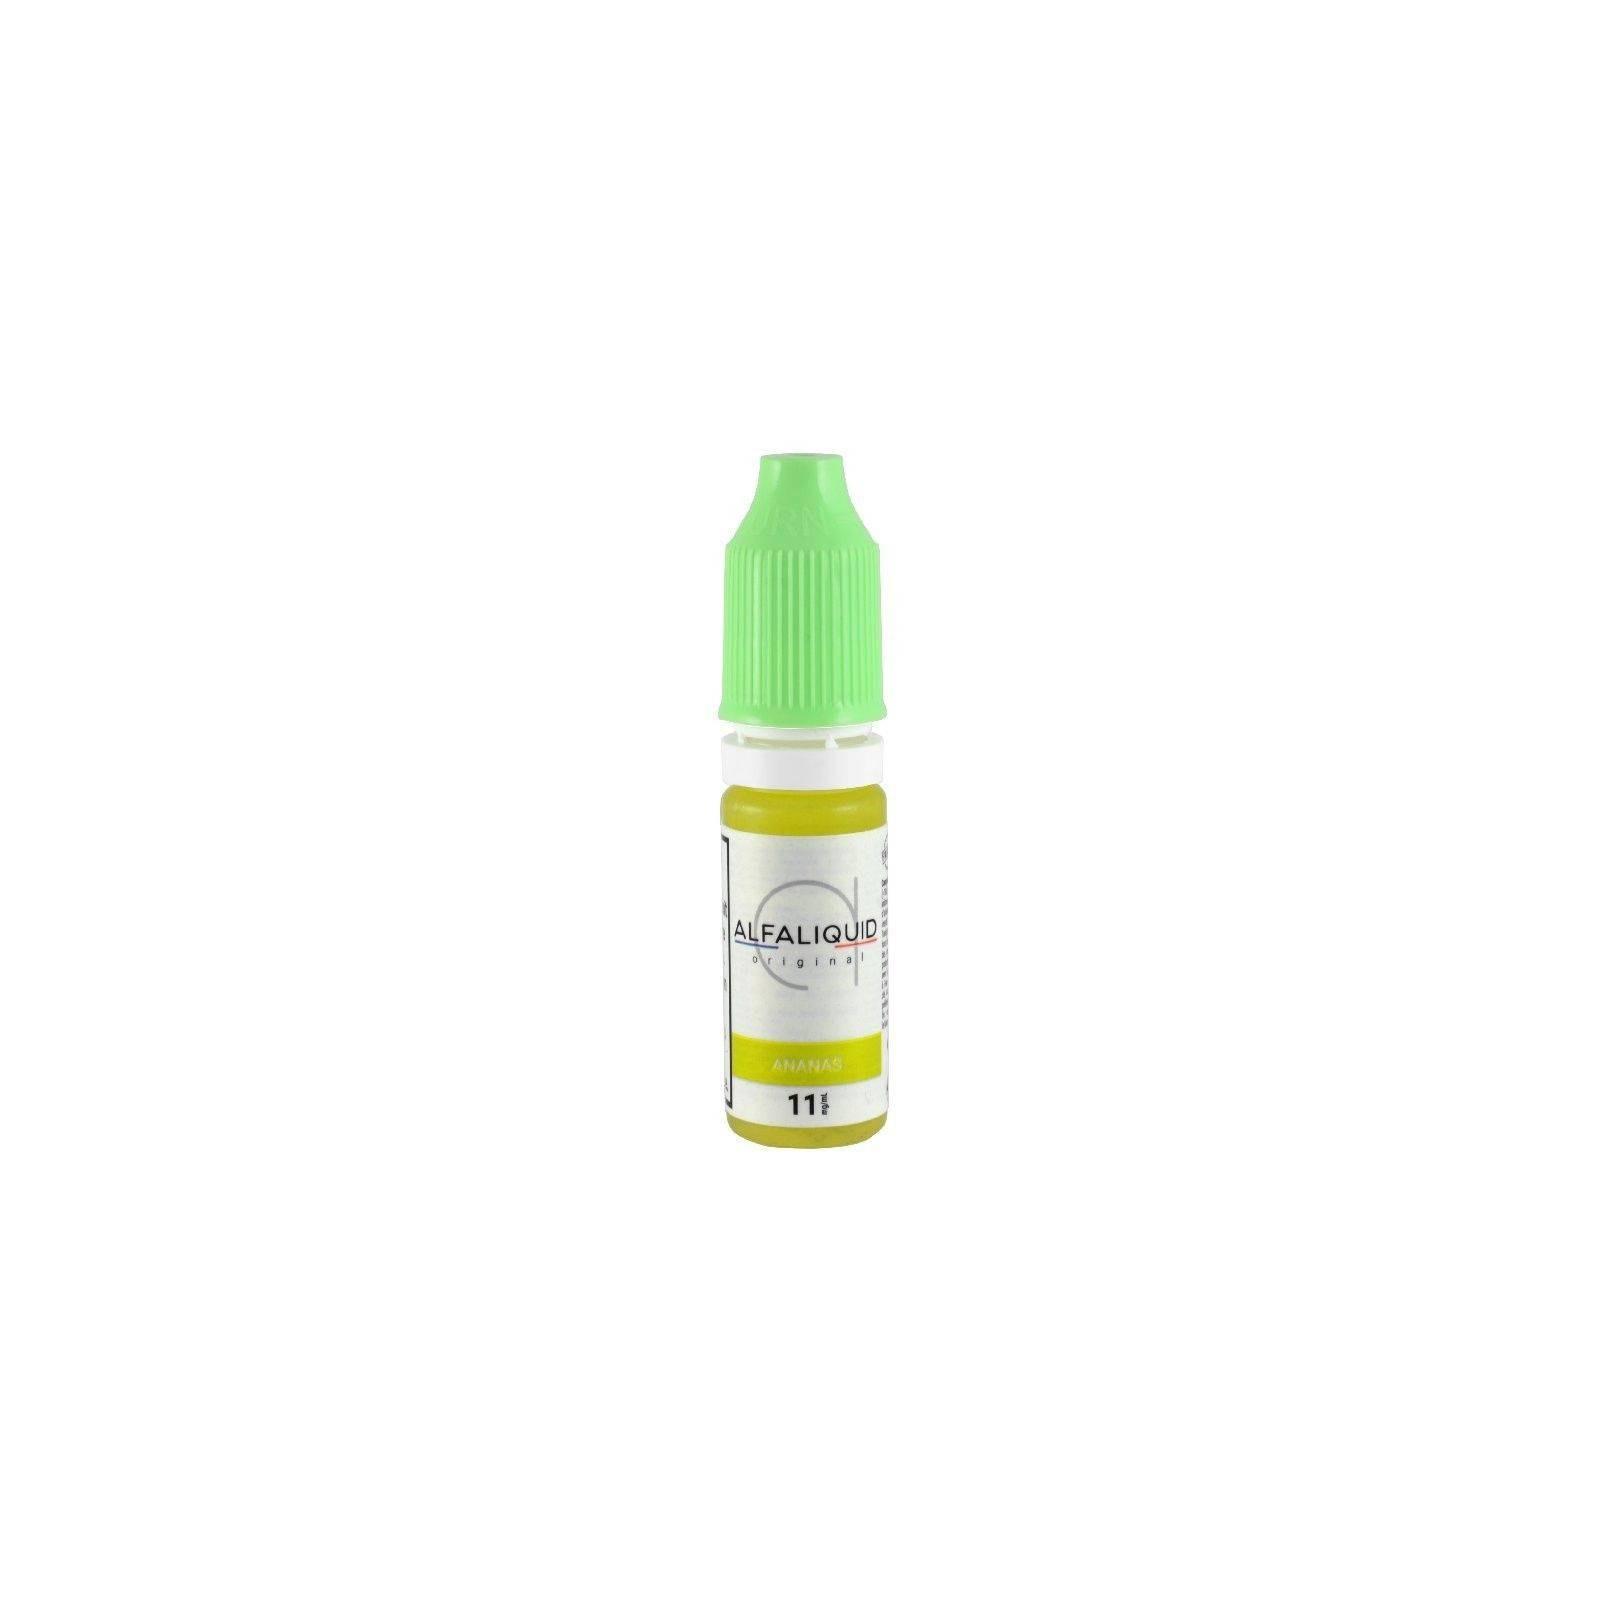 Ananas - Alfaliquid